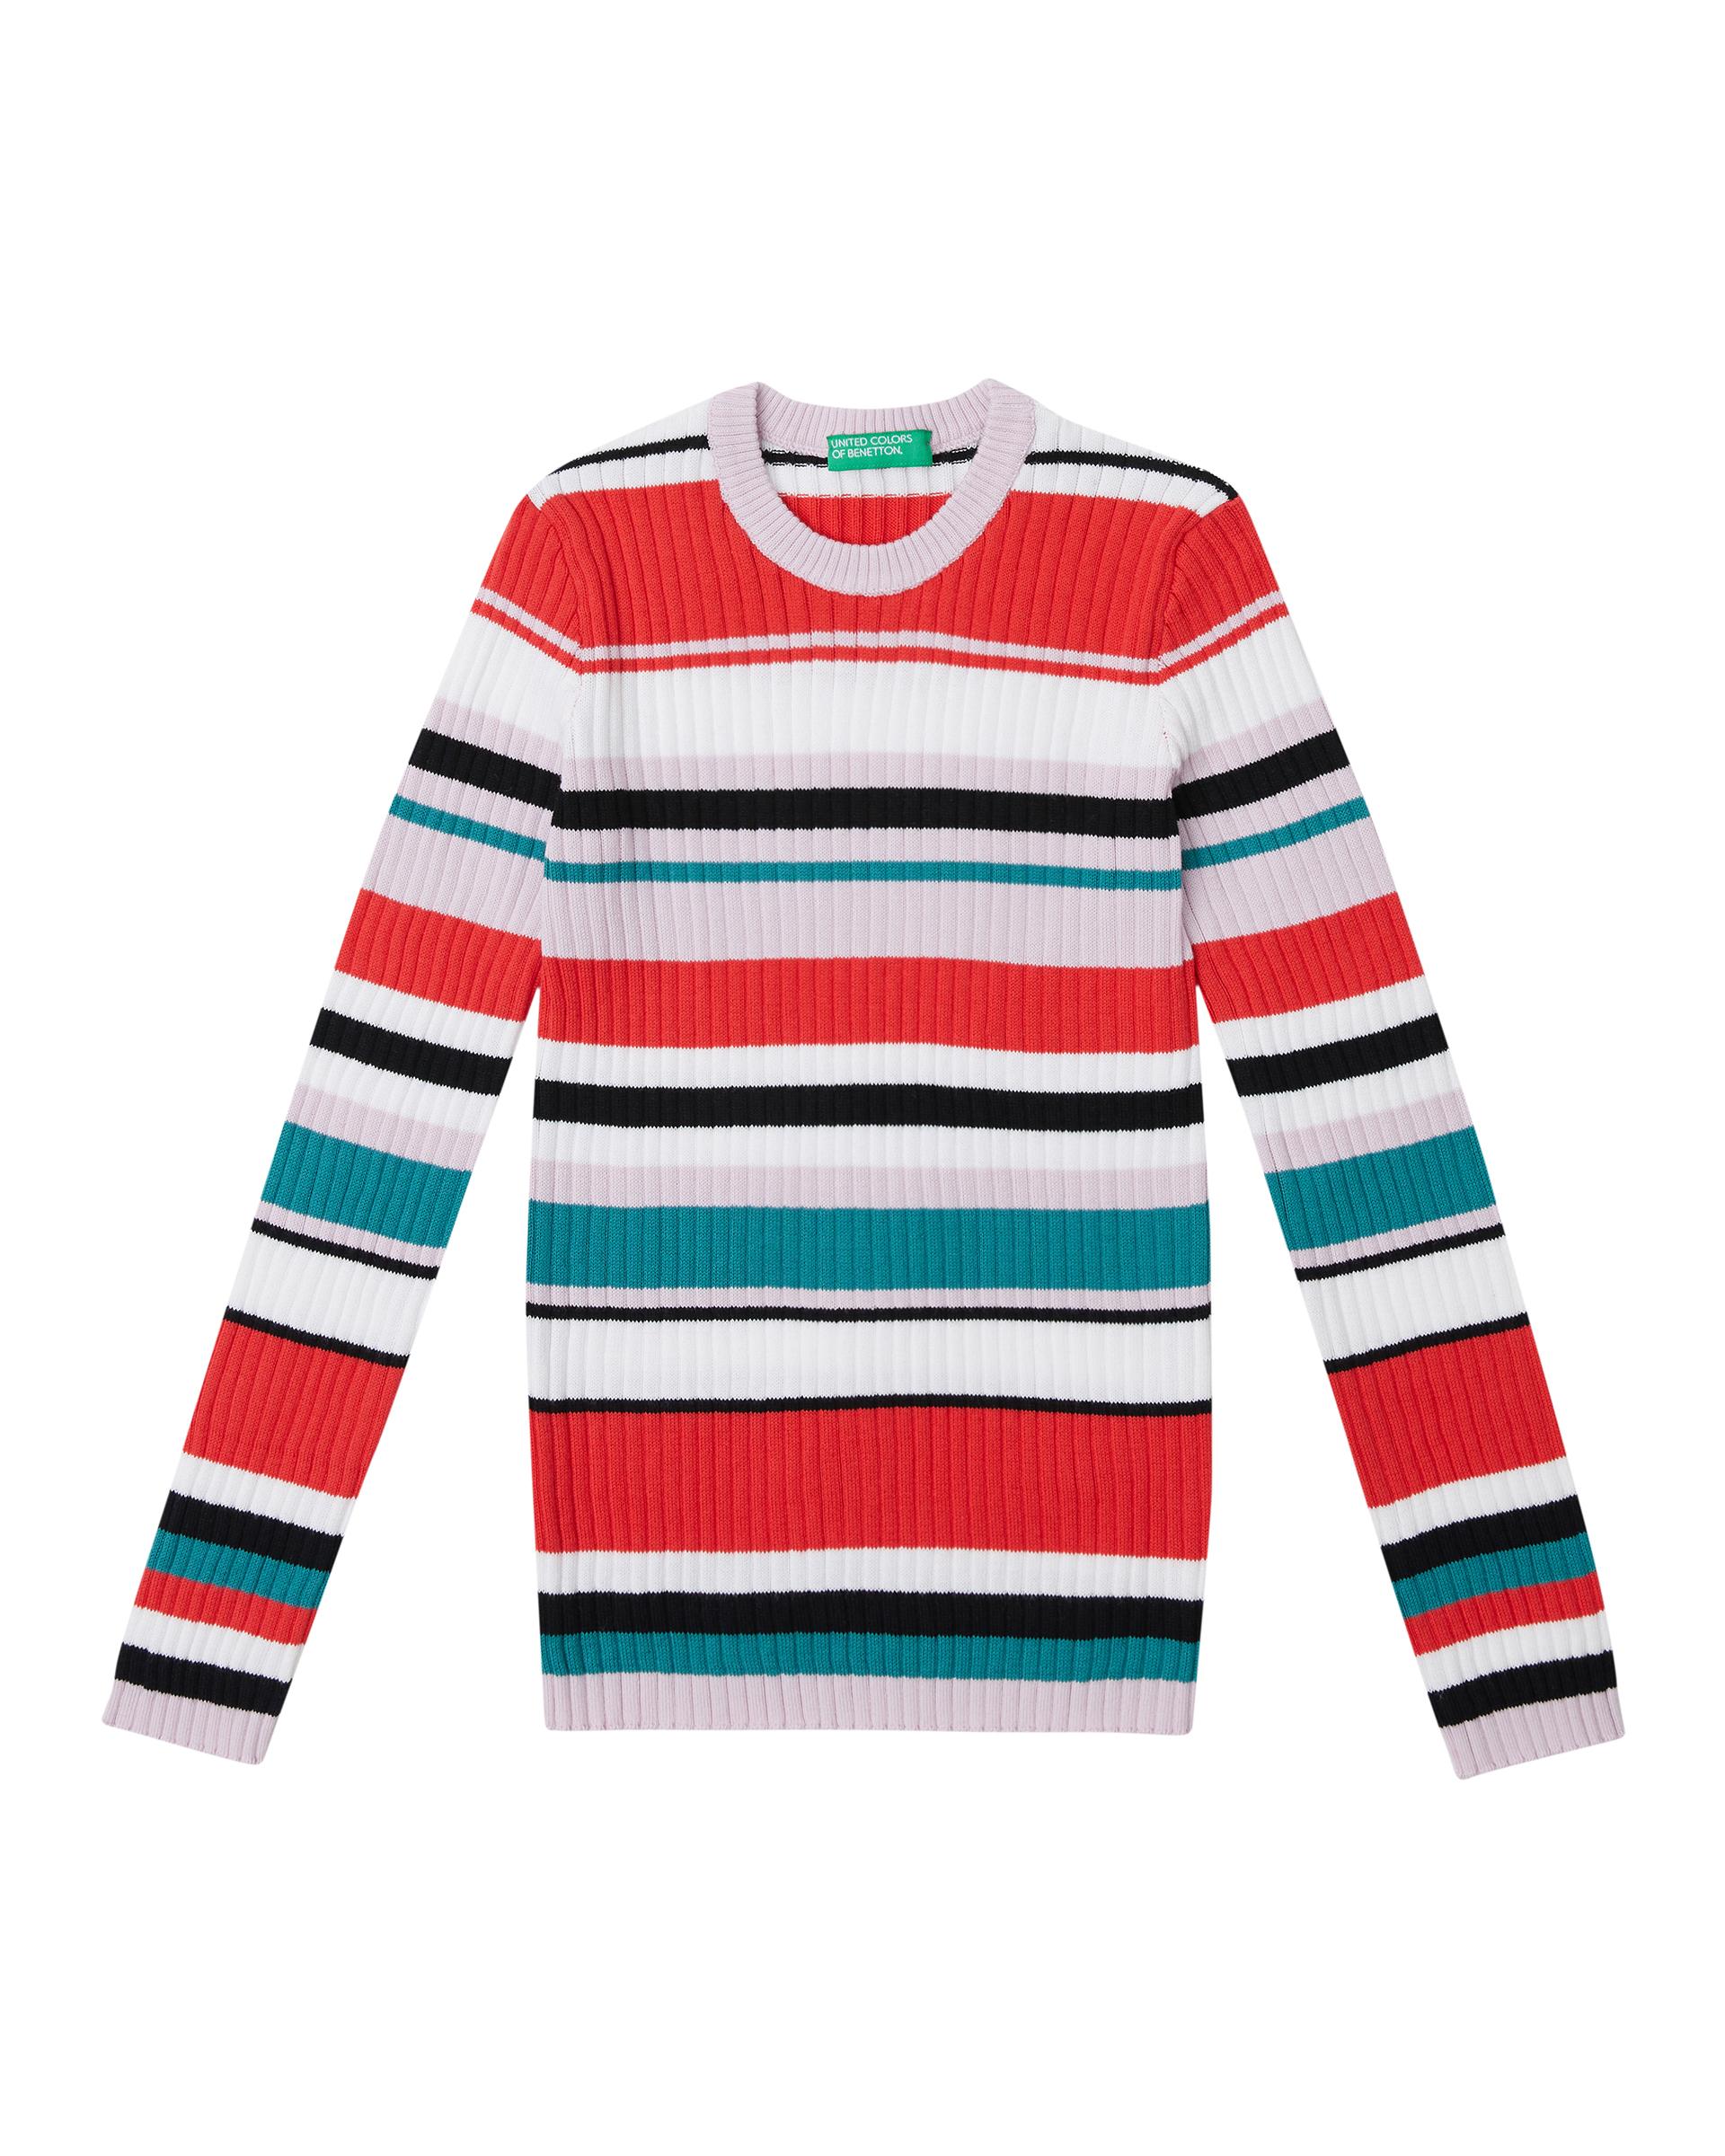 Купить 20P_1098Q1896_901, Джемпер для девочек Benetton 1098Q1896_901 р-р 140, United Colors of Benetton, Джемперы для девочек